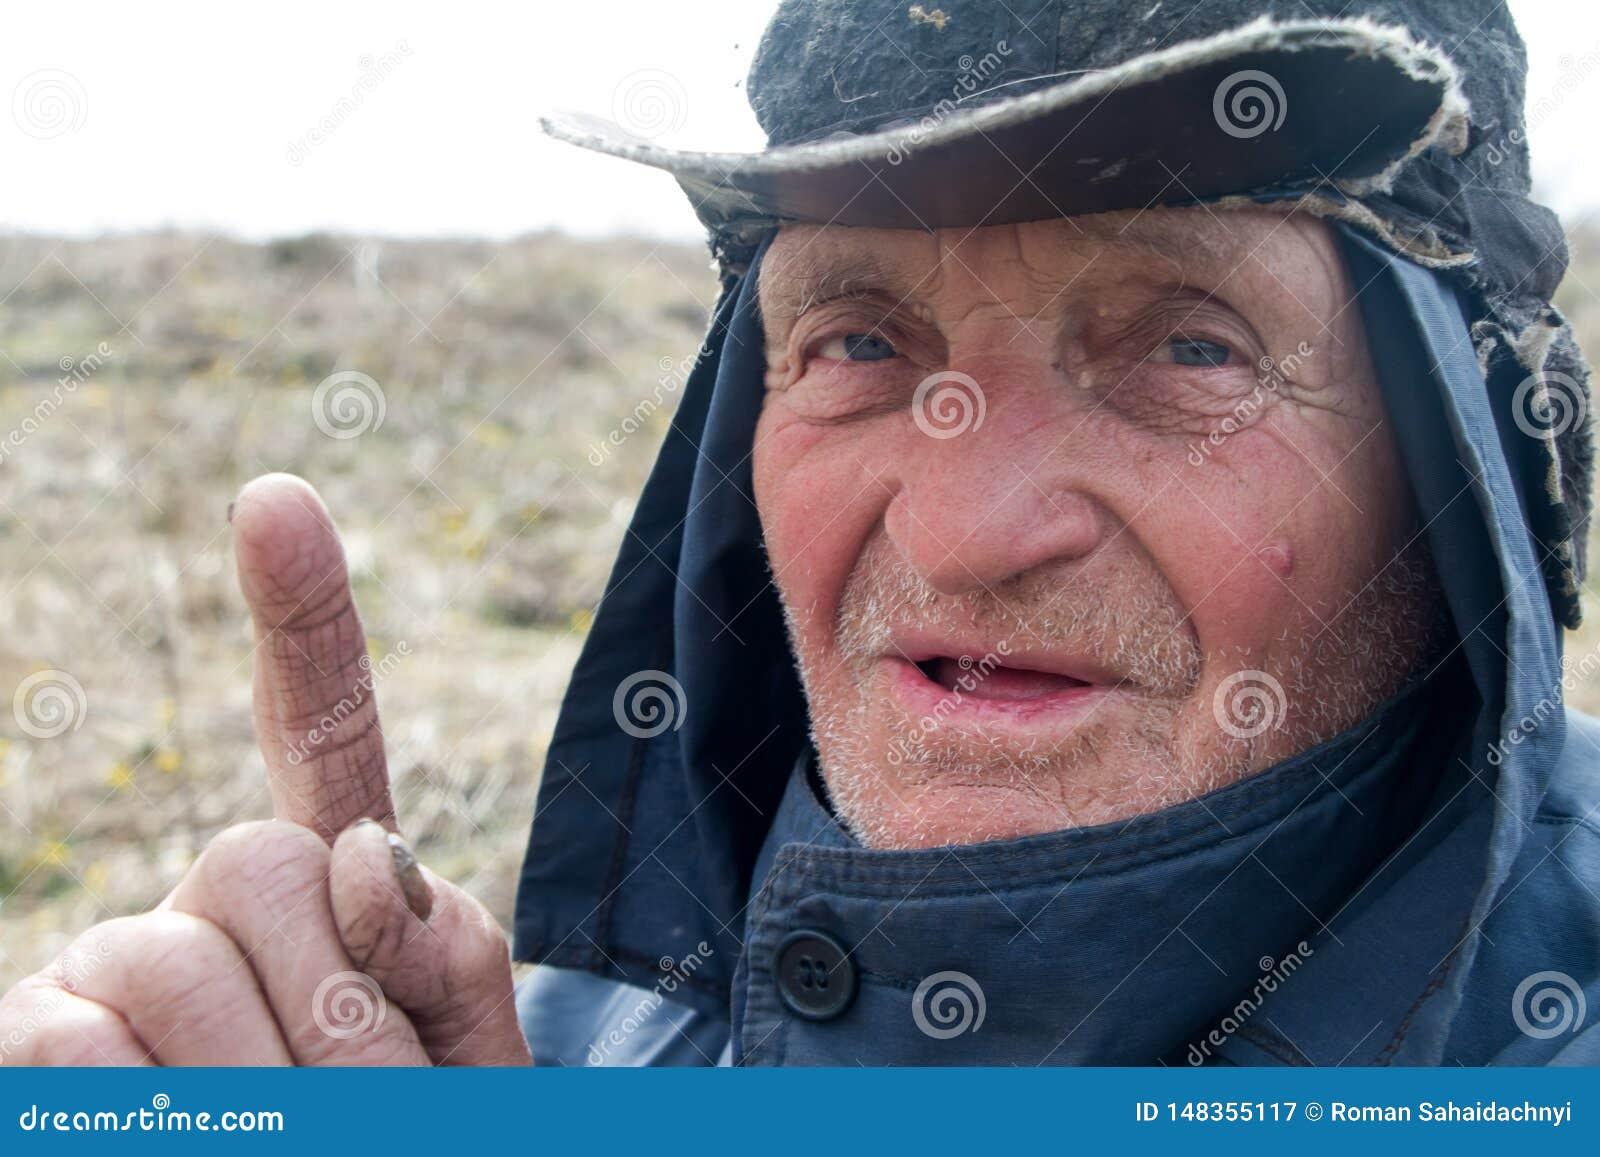 Portr?t eines alten Mannes in unordentliche Kleidung und Hut, die seinen Zeigefinger anhoben, habe ich eine Idee